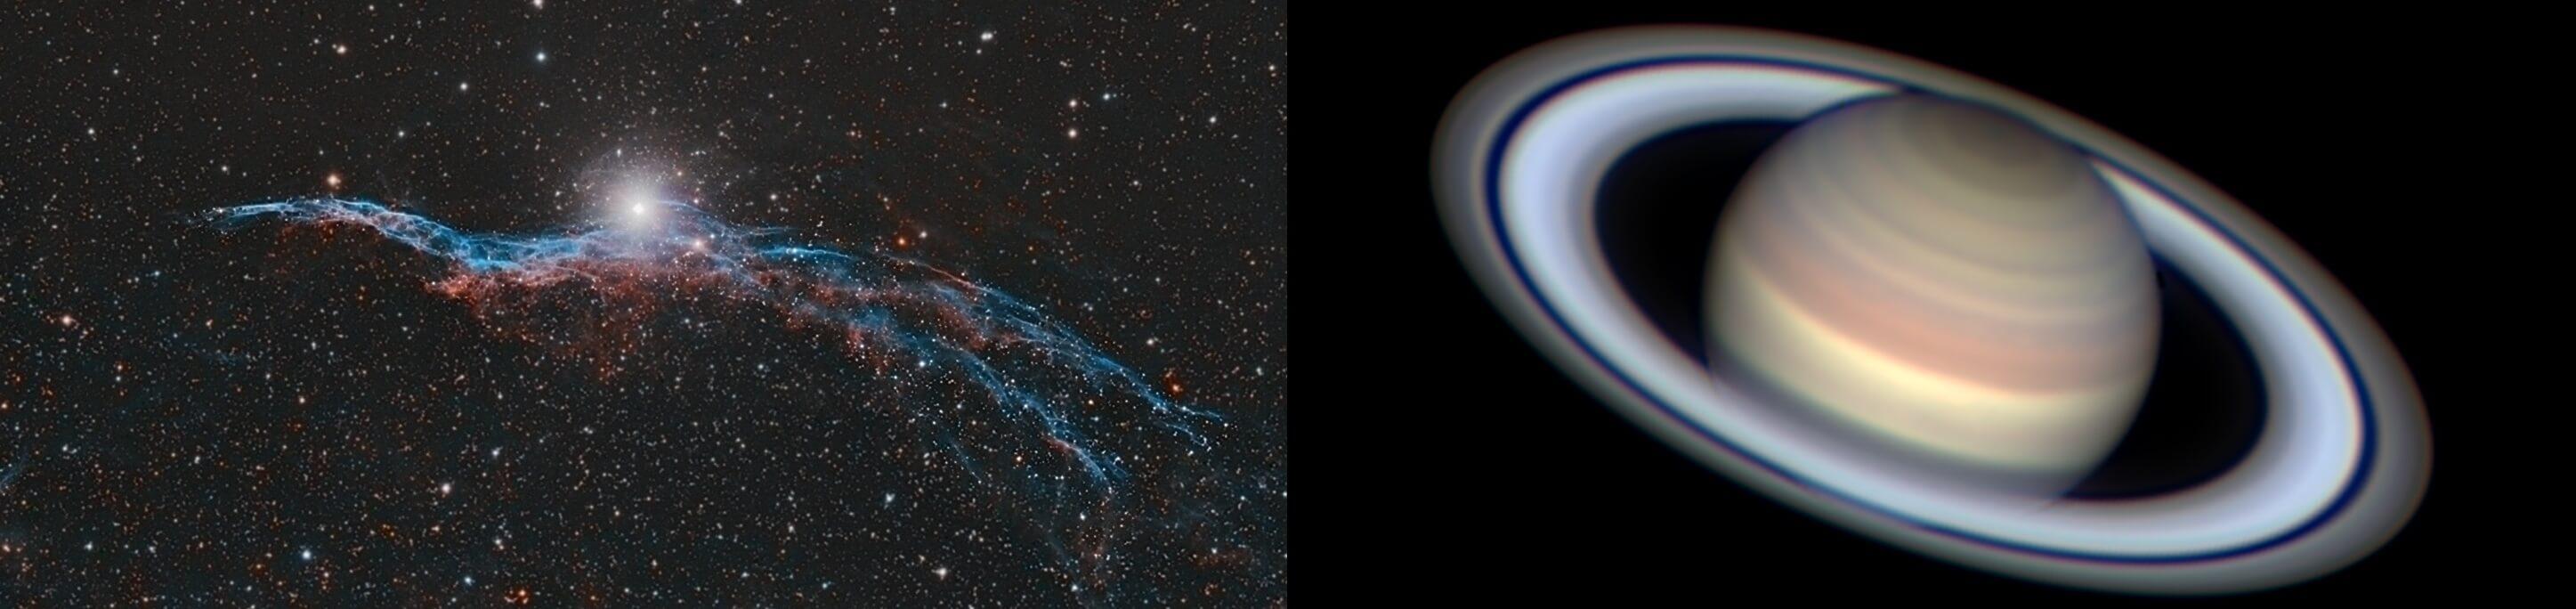 Observation planétaire et ciel profond